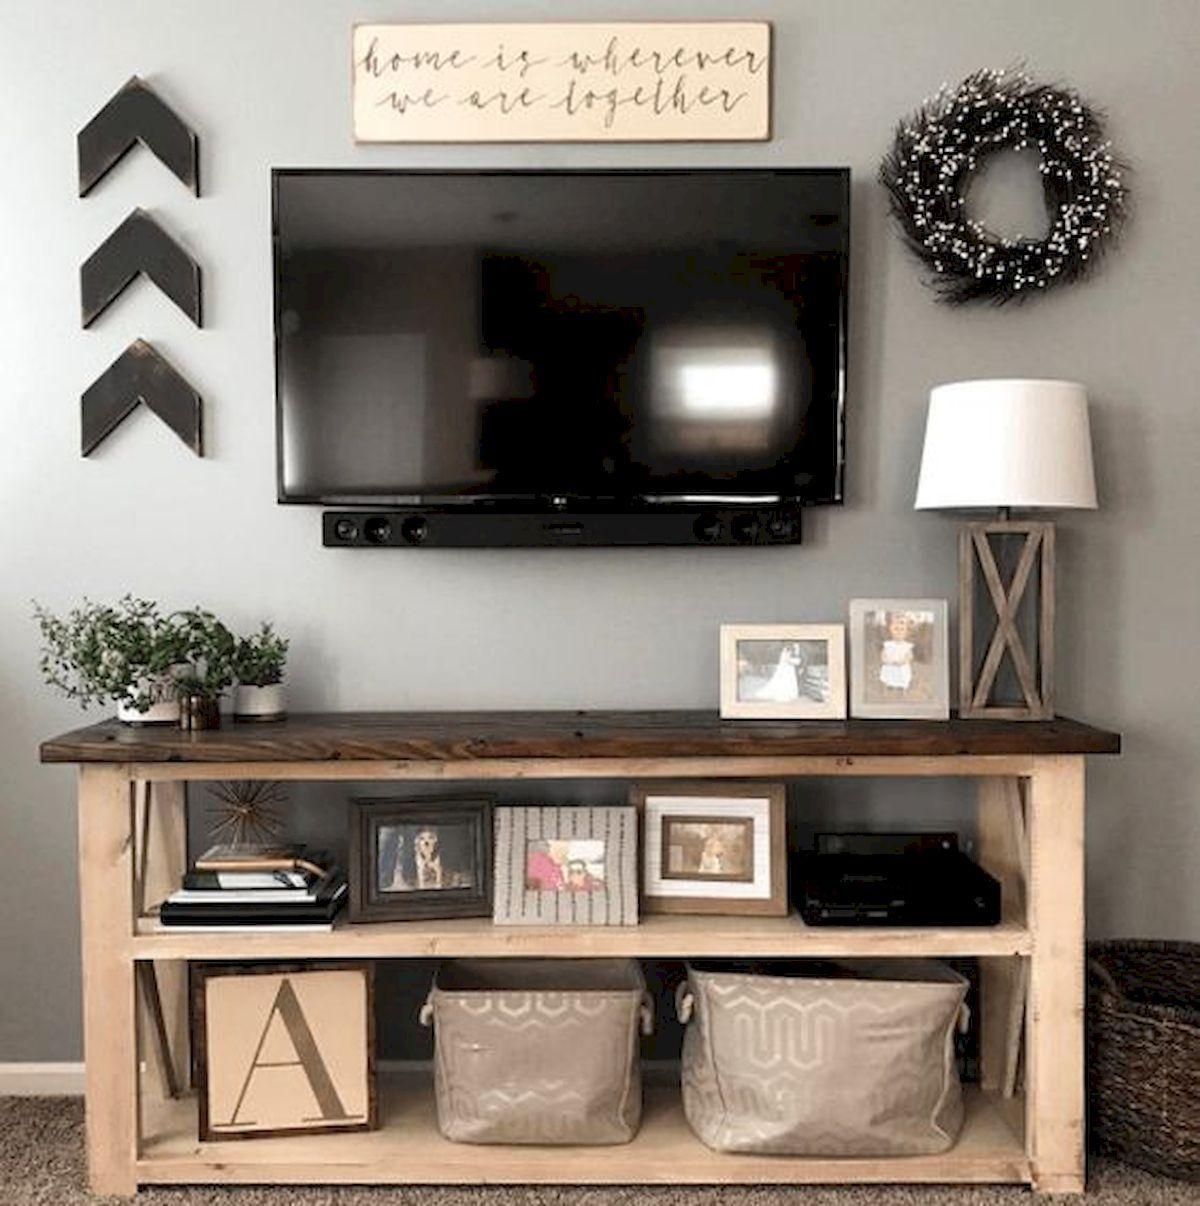 60 Beautiful Farmhouse TV Stand Design Ideas And Decor